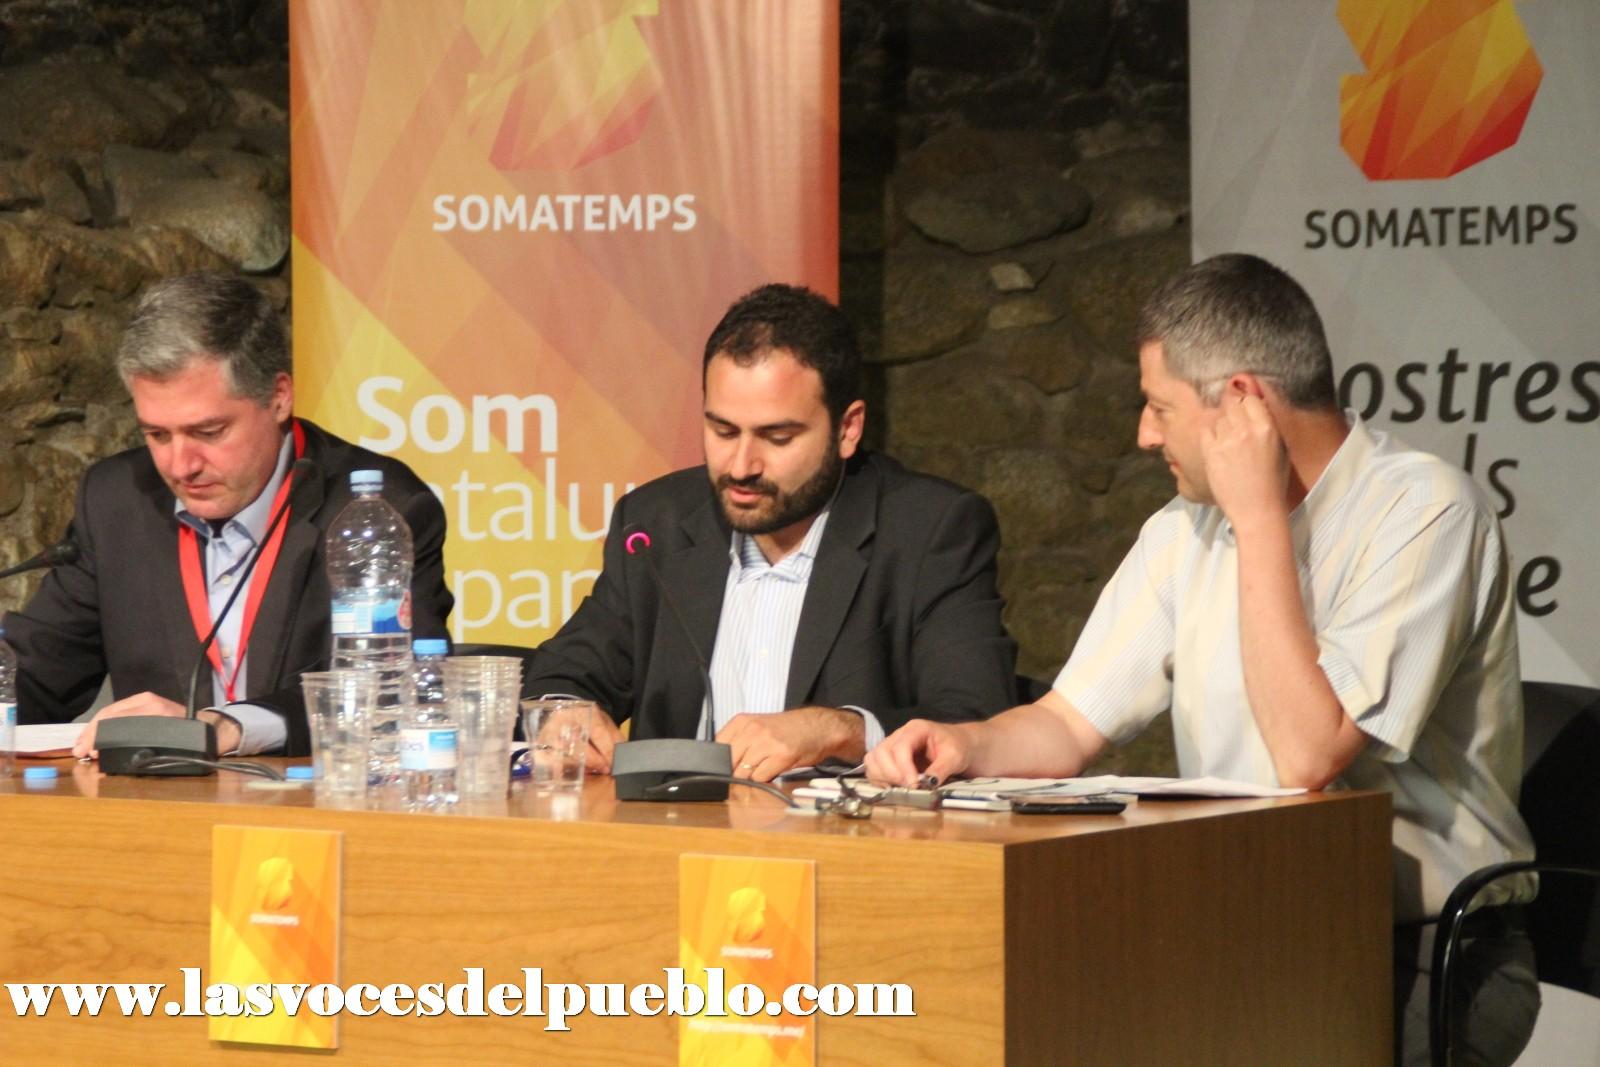 las voces del pueblo_I Congreso de Somatemps_Ripoll_Gerona (205)